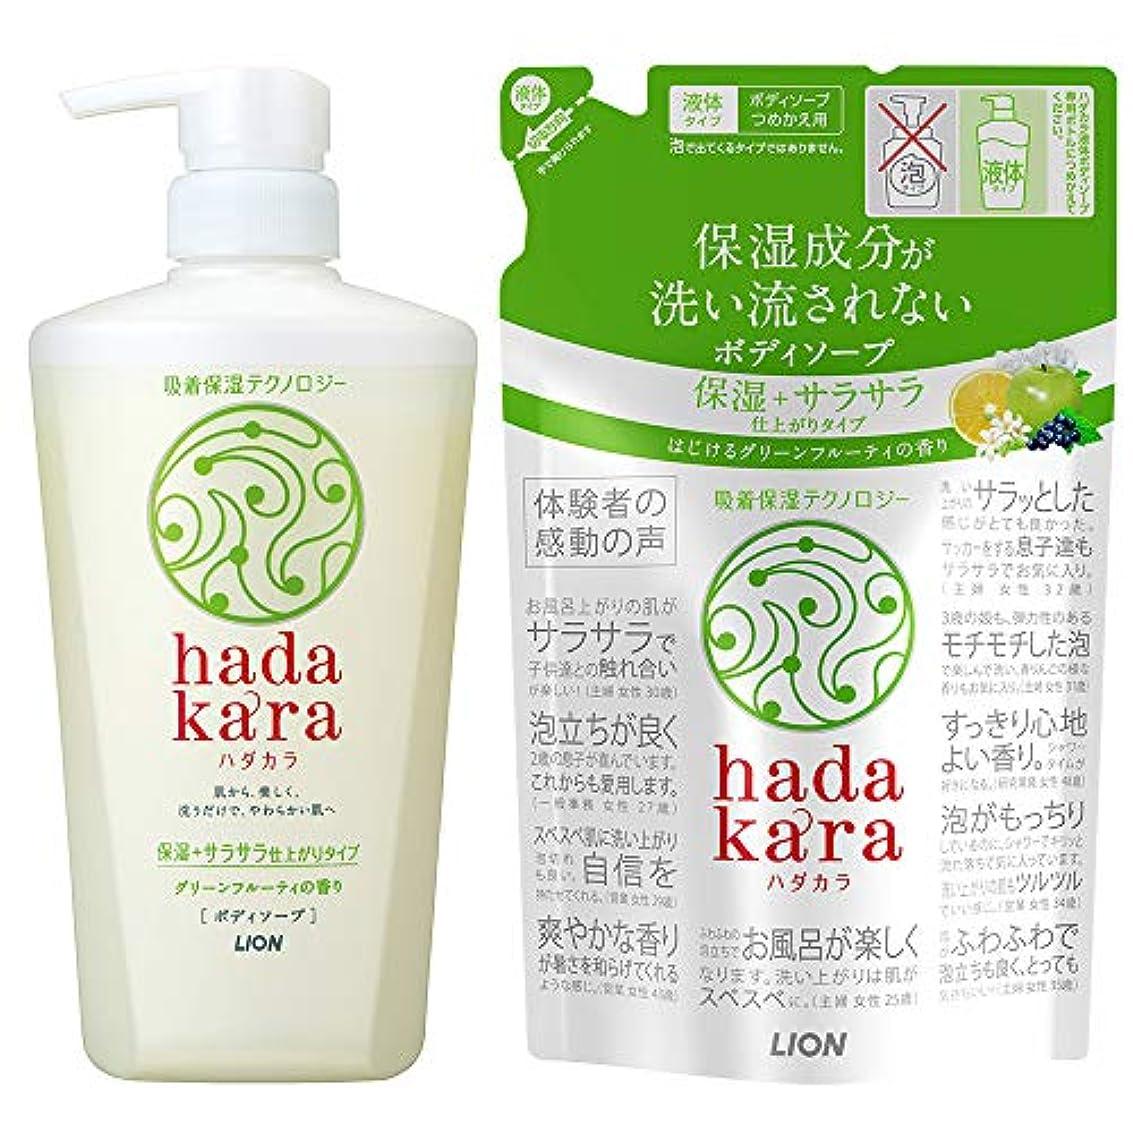 役に立たない同僚配列hadakara(ハダカラ) ボディソープ 保湿+サラサラ仕上がりタイプ グリーンフルーティの香り (本体480ml+つめかえ340ml) グリーンフルーティ(保湿+サラサラ仕上がり) +